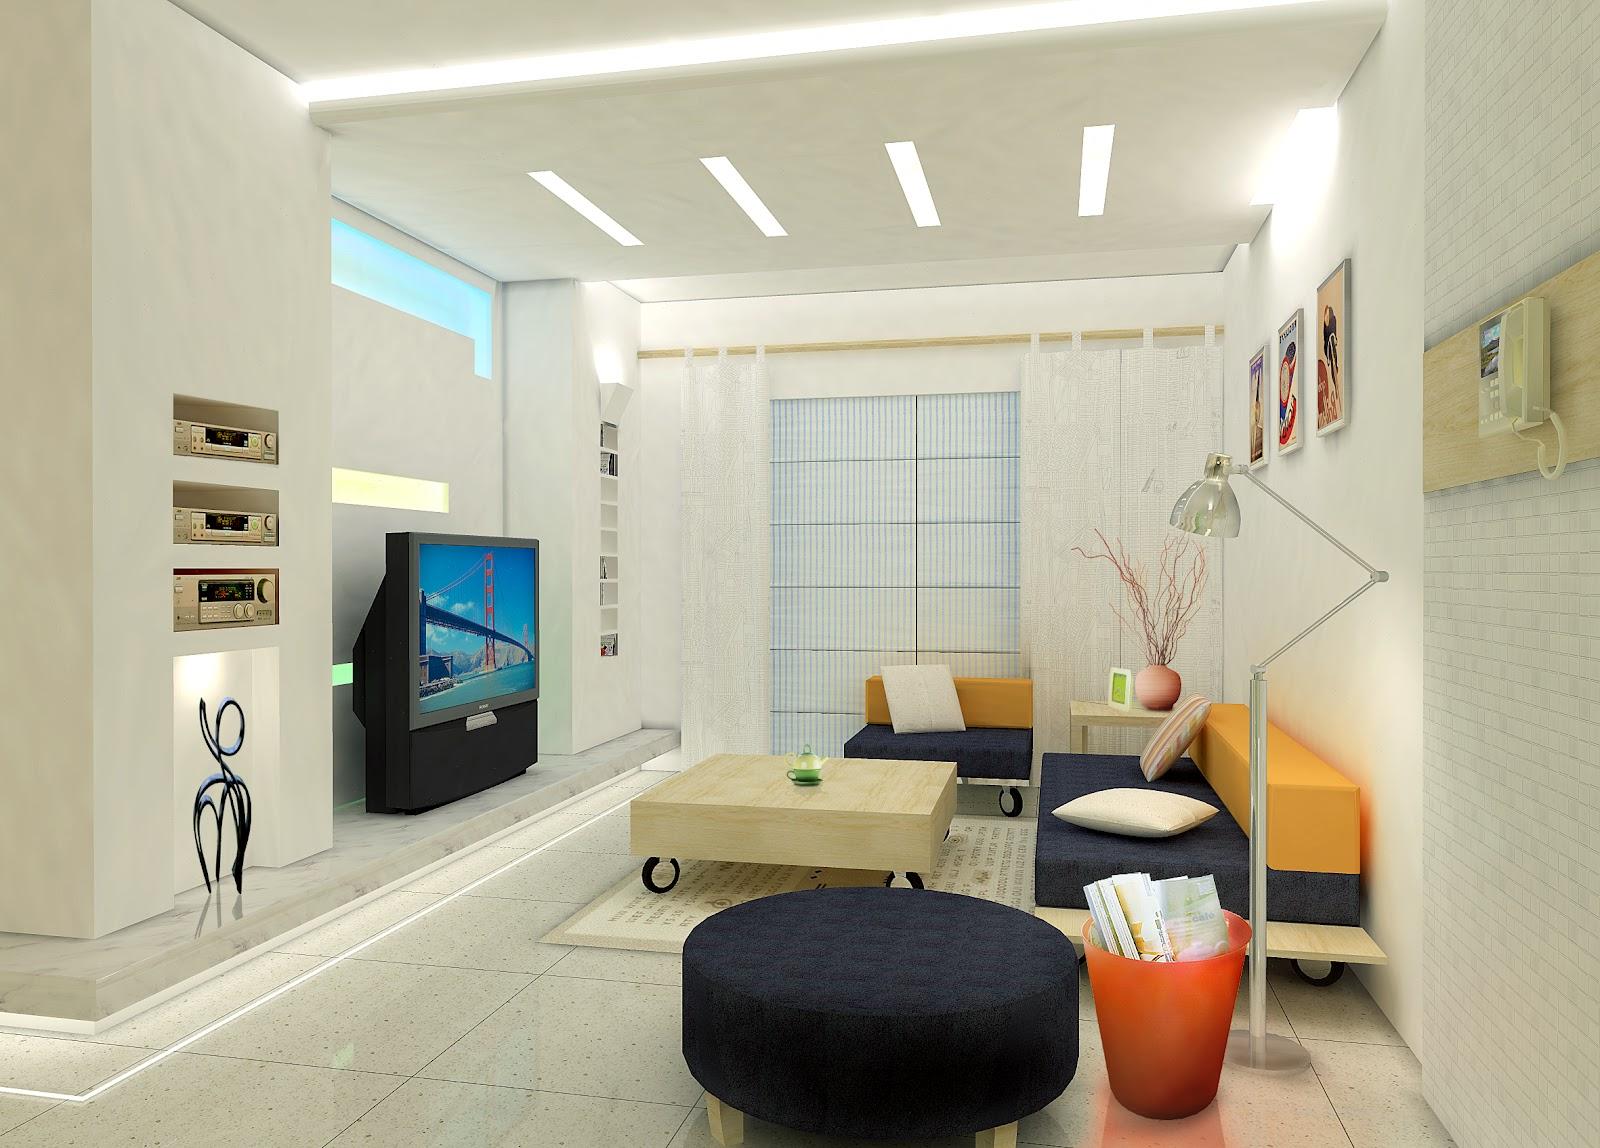 dunia kabinet dapur gambar gambar 3d hiasan dalaman rumah